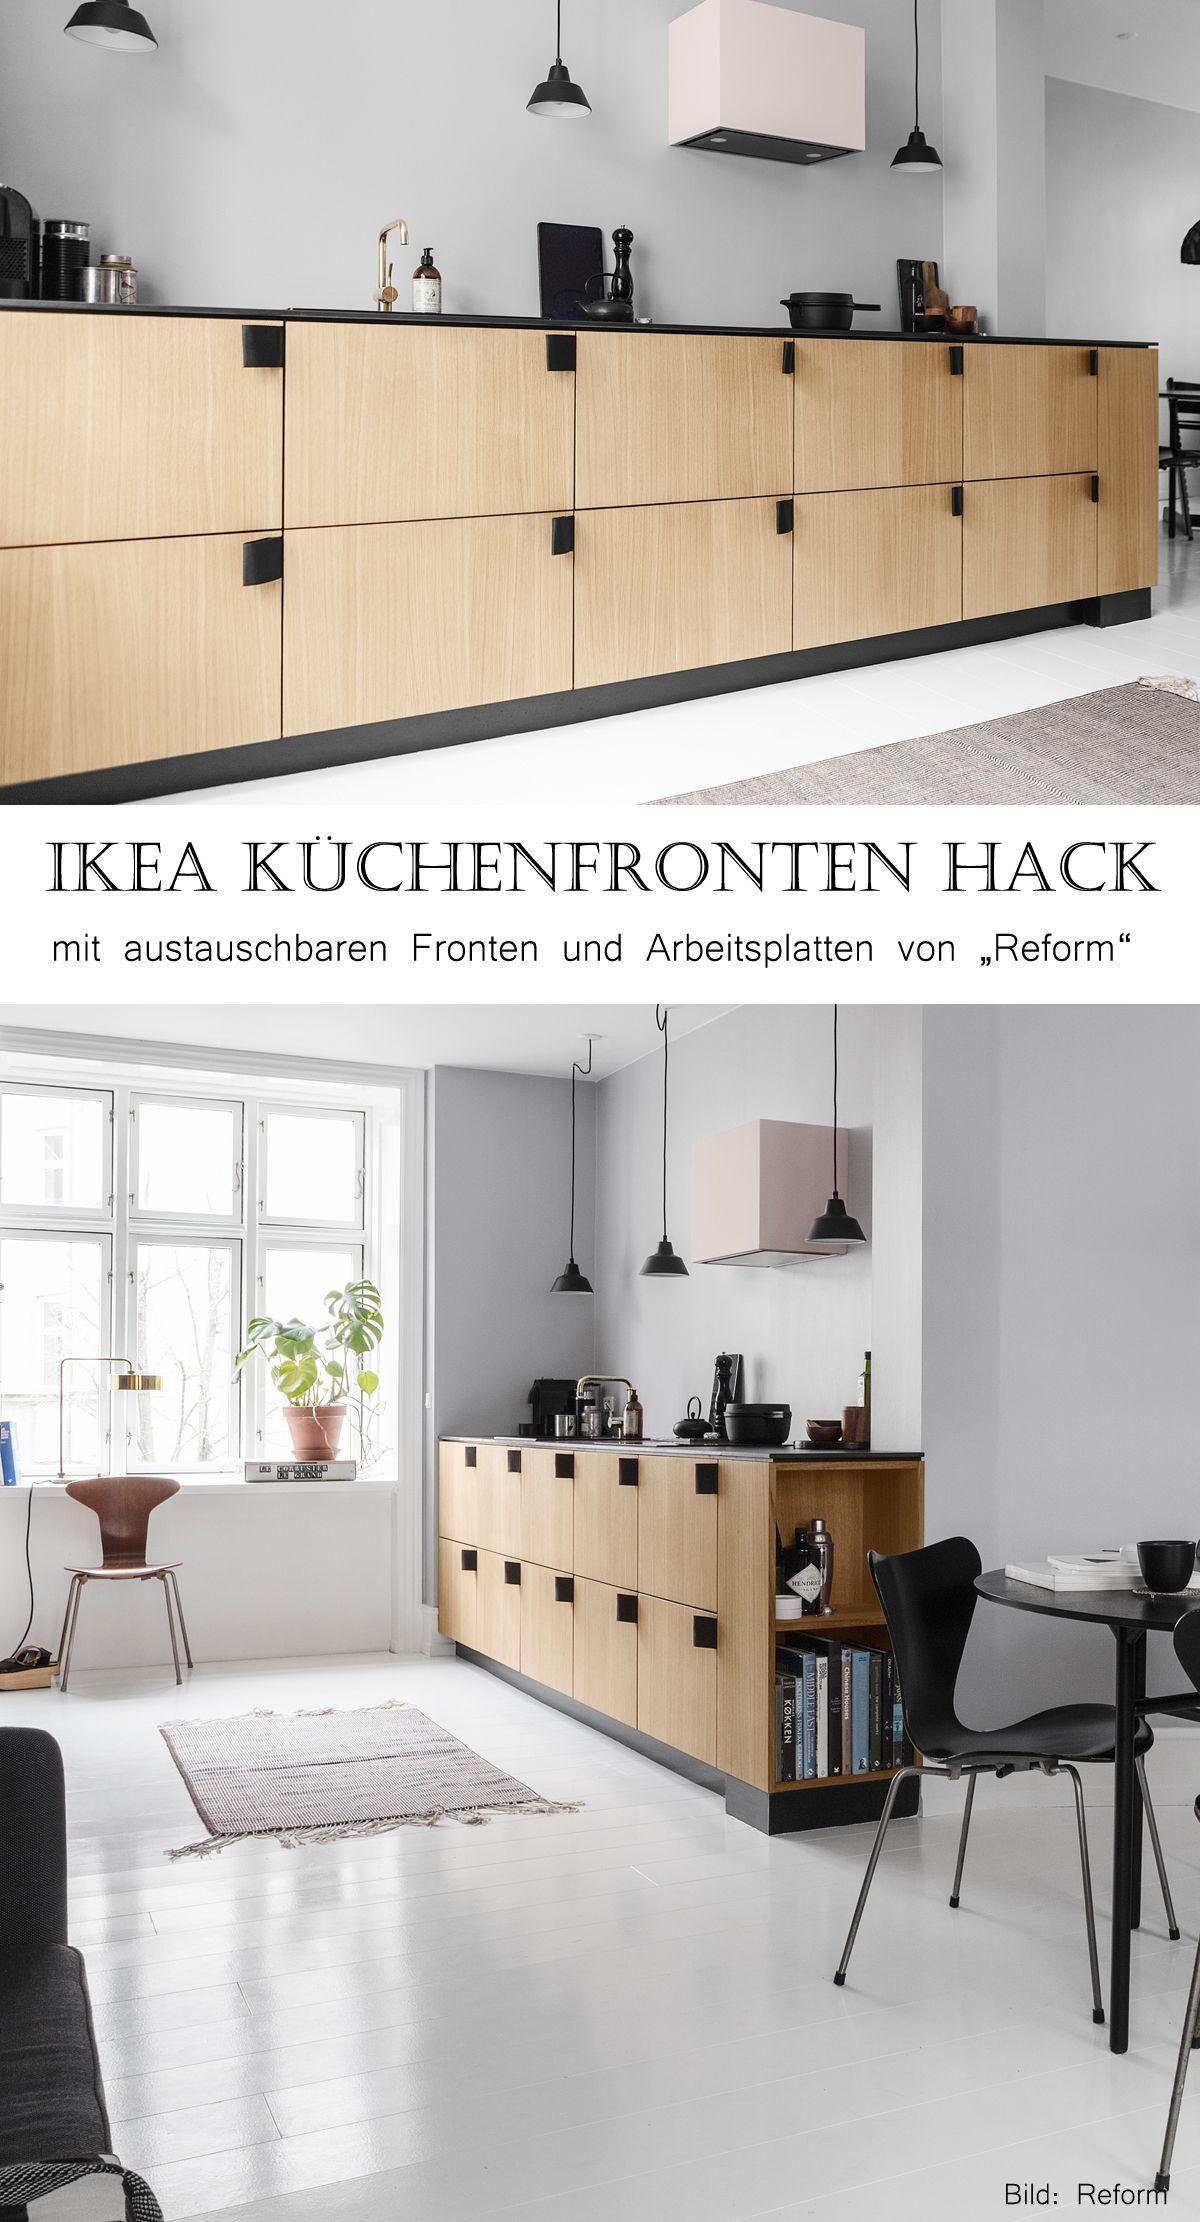 Full Size of Singleküche Ikea Betten 160x200 Küche Kaufen Miniküche Modulküche Kosten Sofa Mit Schlaffunktion Bei E Geräten Kühlschrank Wohnzimmer Singleküche Ikea